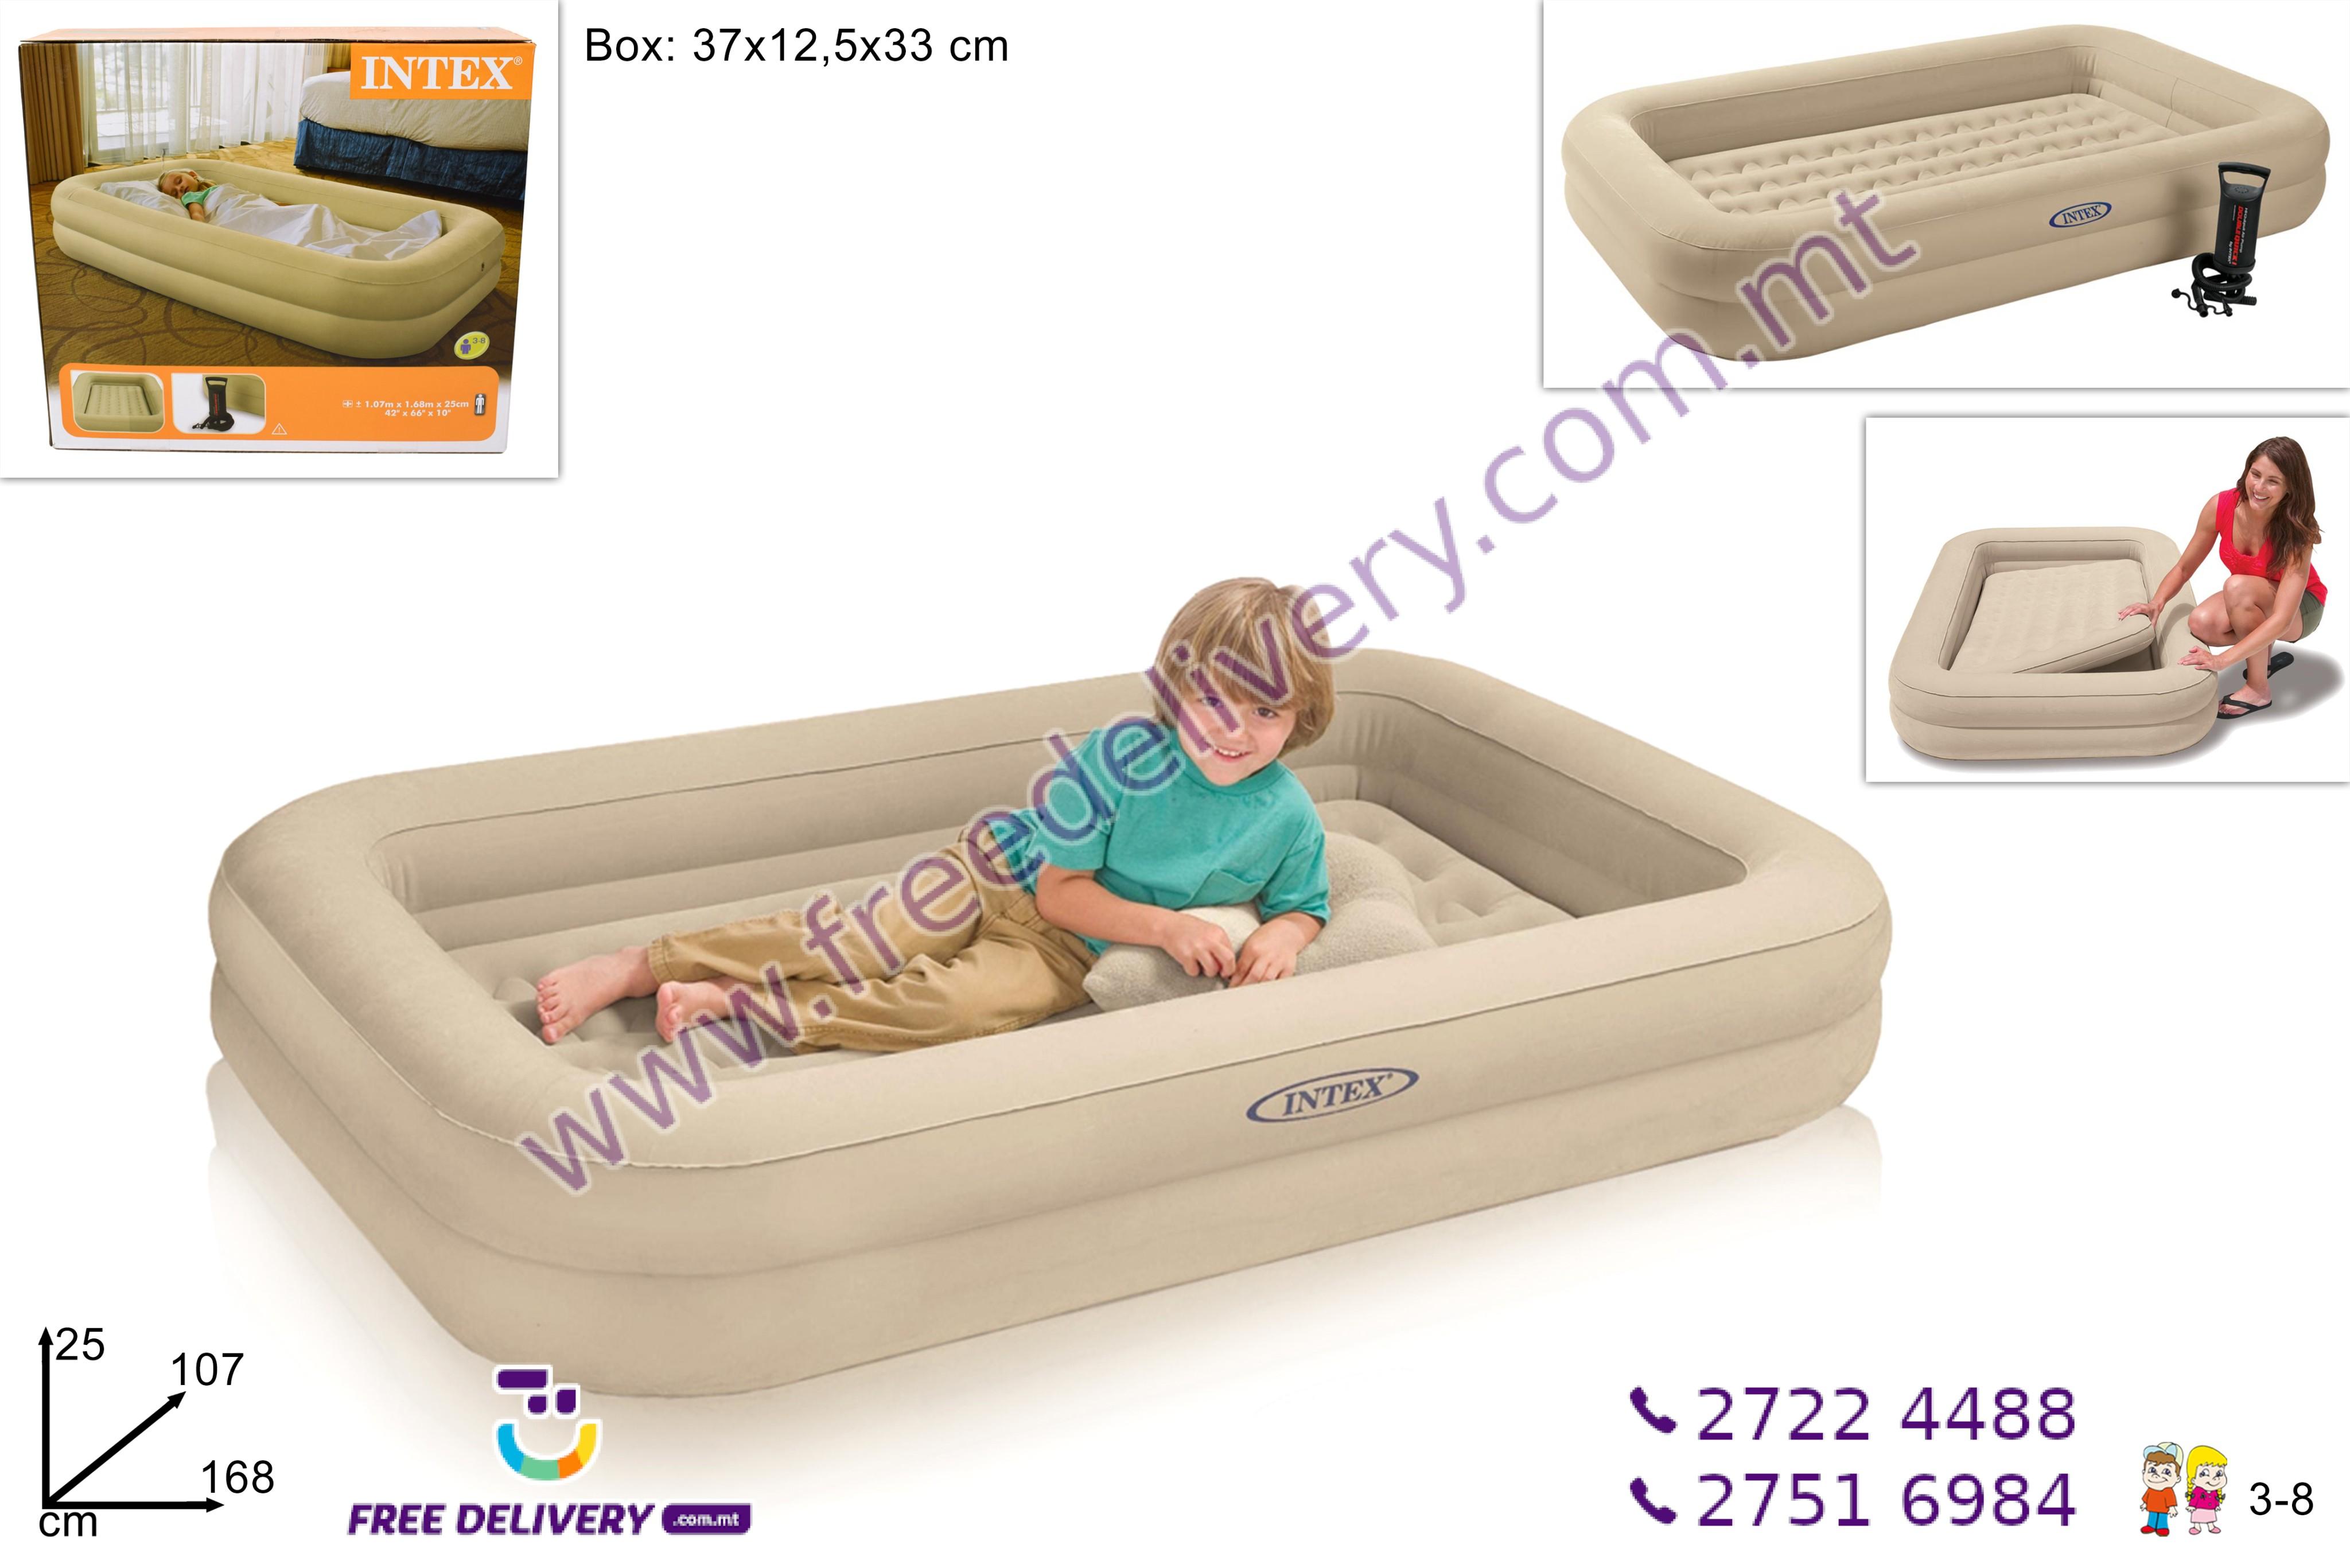 INTEX INFLATABLE KIDS TRAVEL BED SET 107 X 168 X 25CM INCLUDING HAND PUMP – DE468105